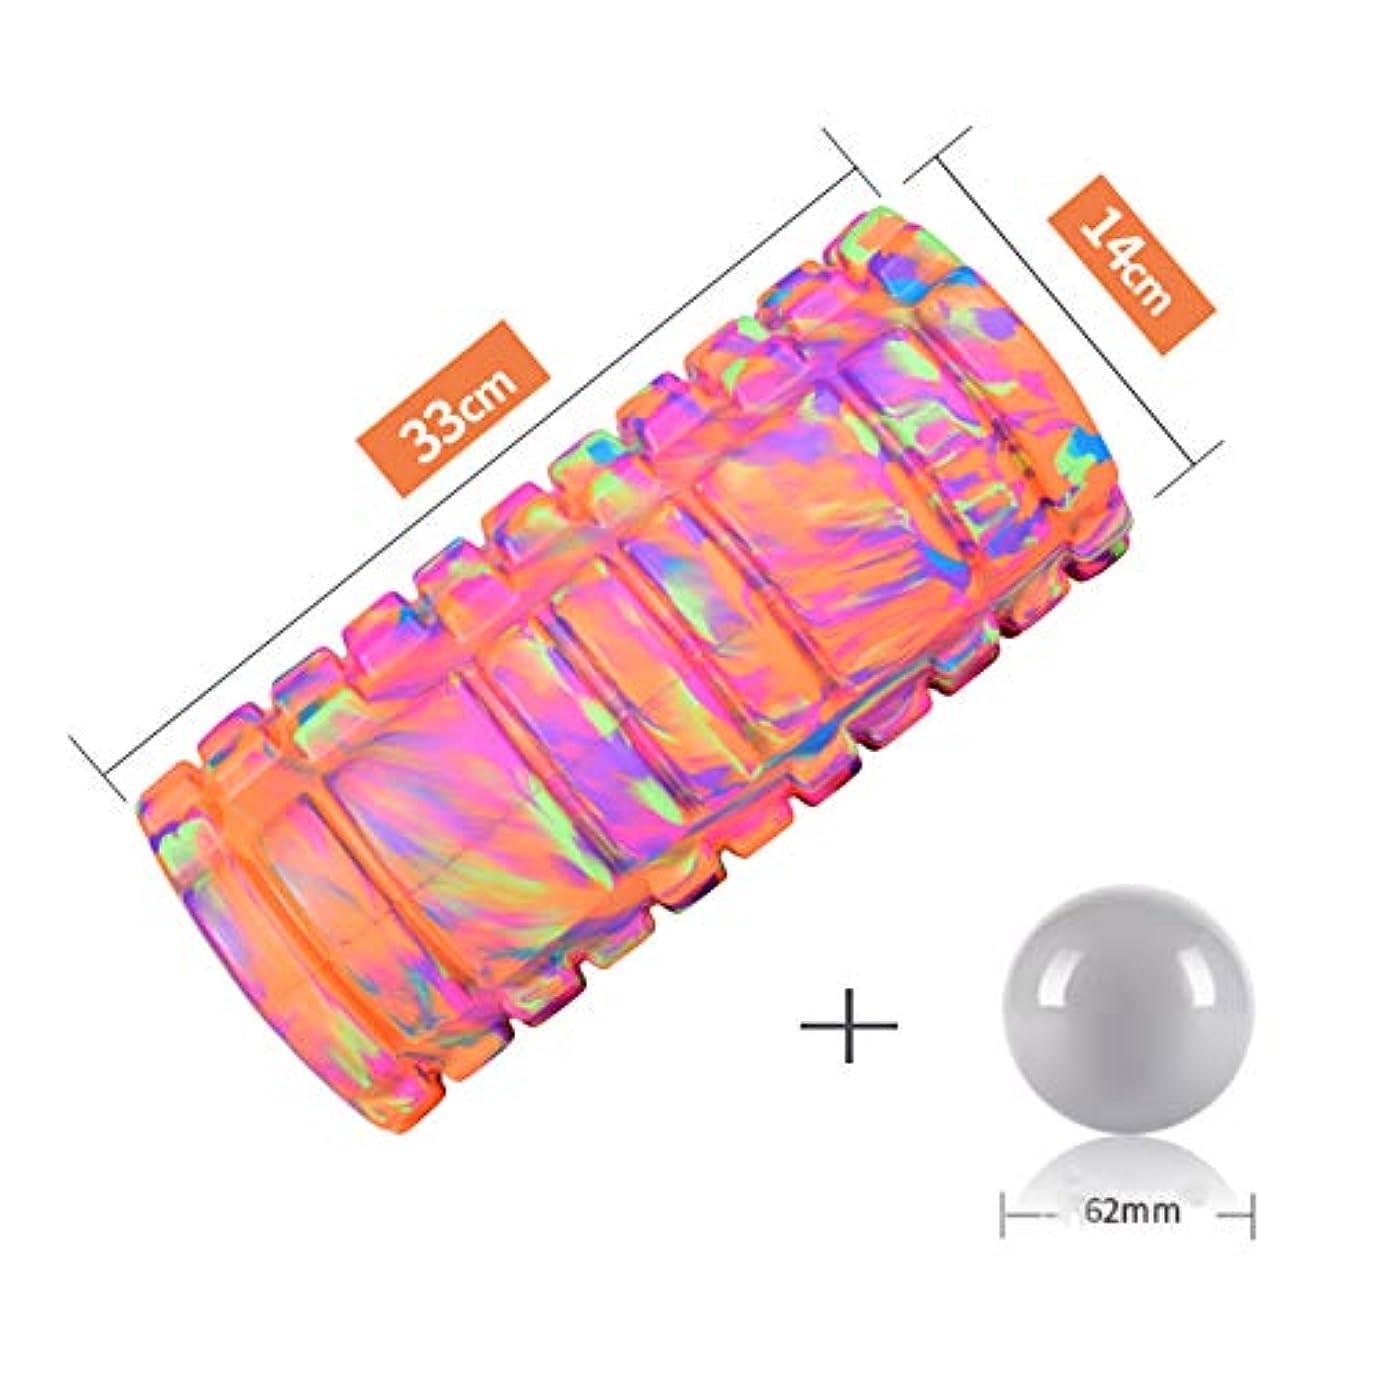 スリットクール公然とフォームローラー 2-in-1強力フォームローラーとマッサージボール中密度のティッシュペーパーで筋肉マッサージと筋筋膜のトリガーポイントを解除,Orange